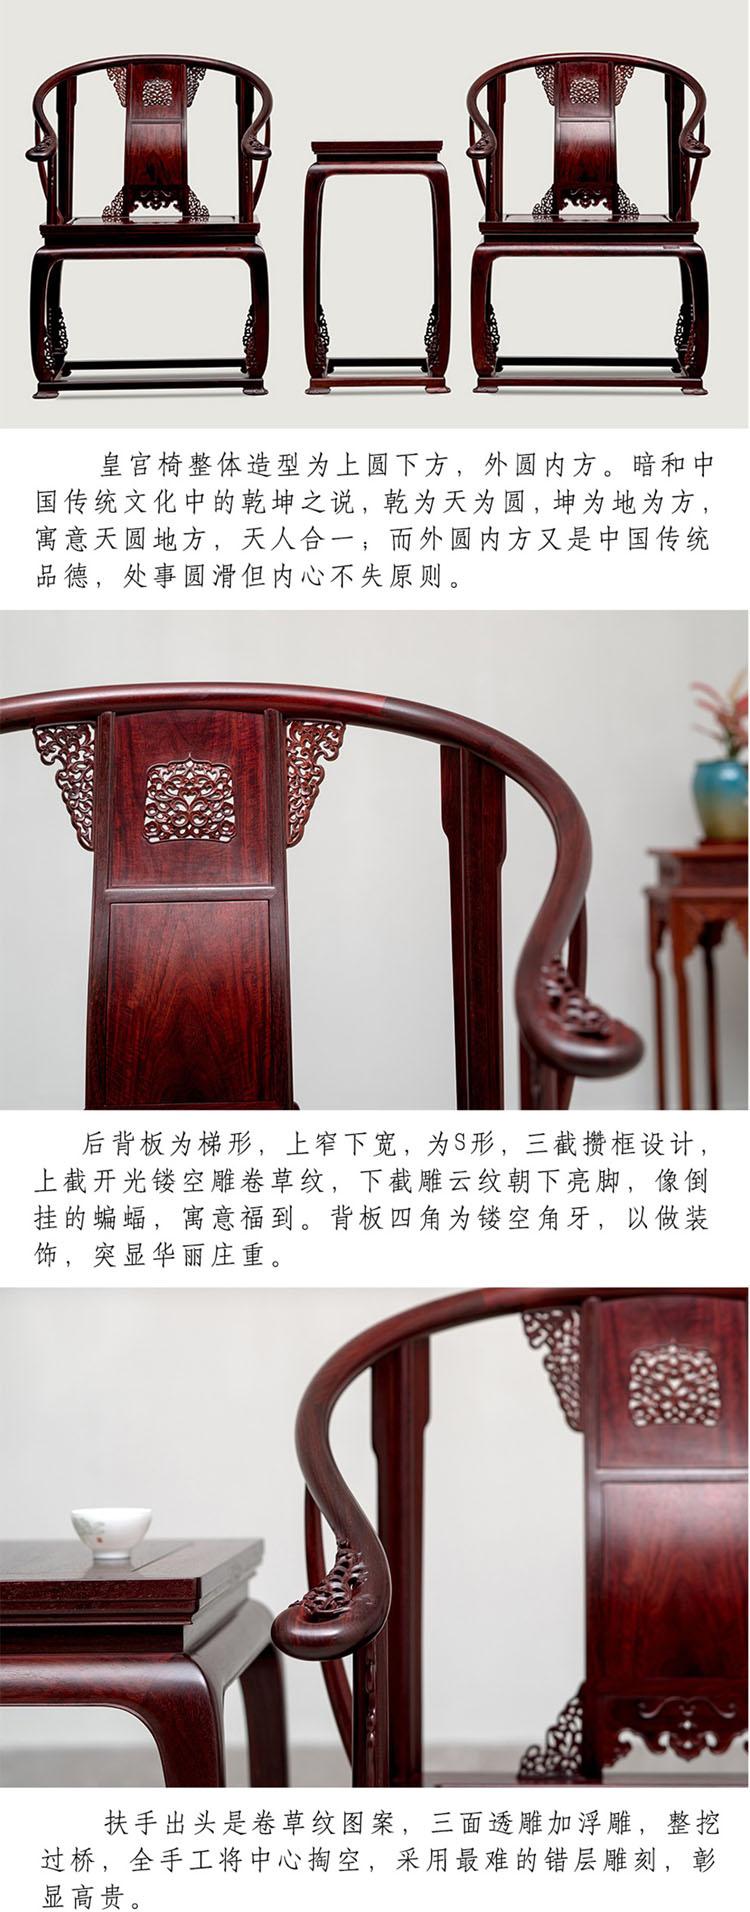 巧夺天工 皇宫椅.jpg